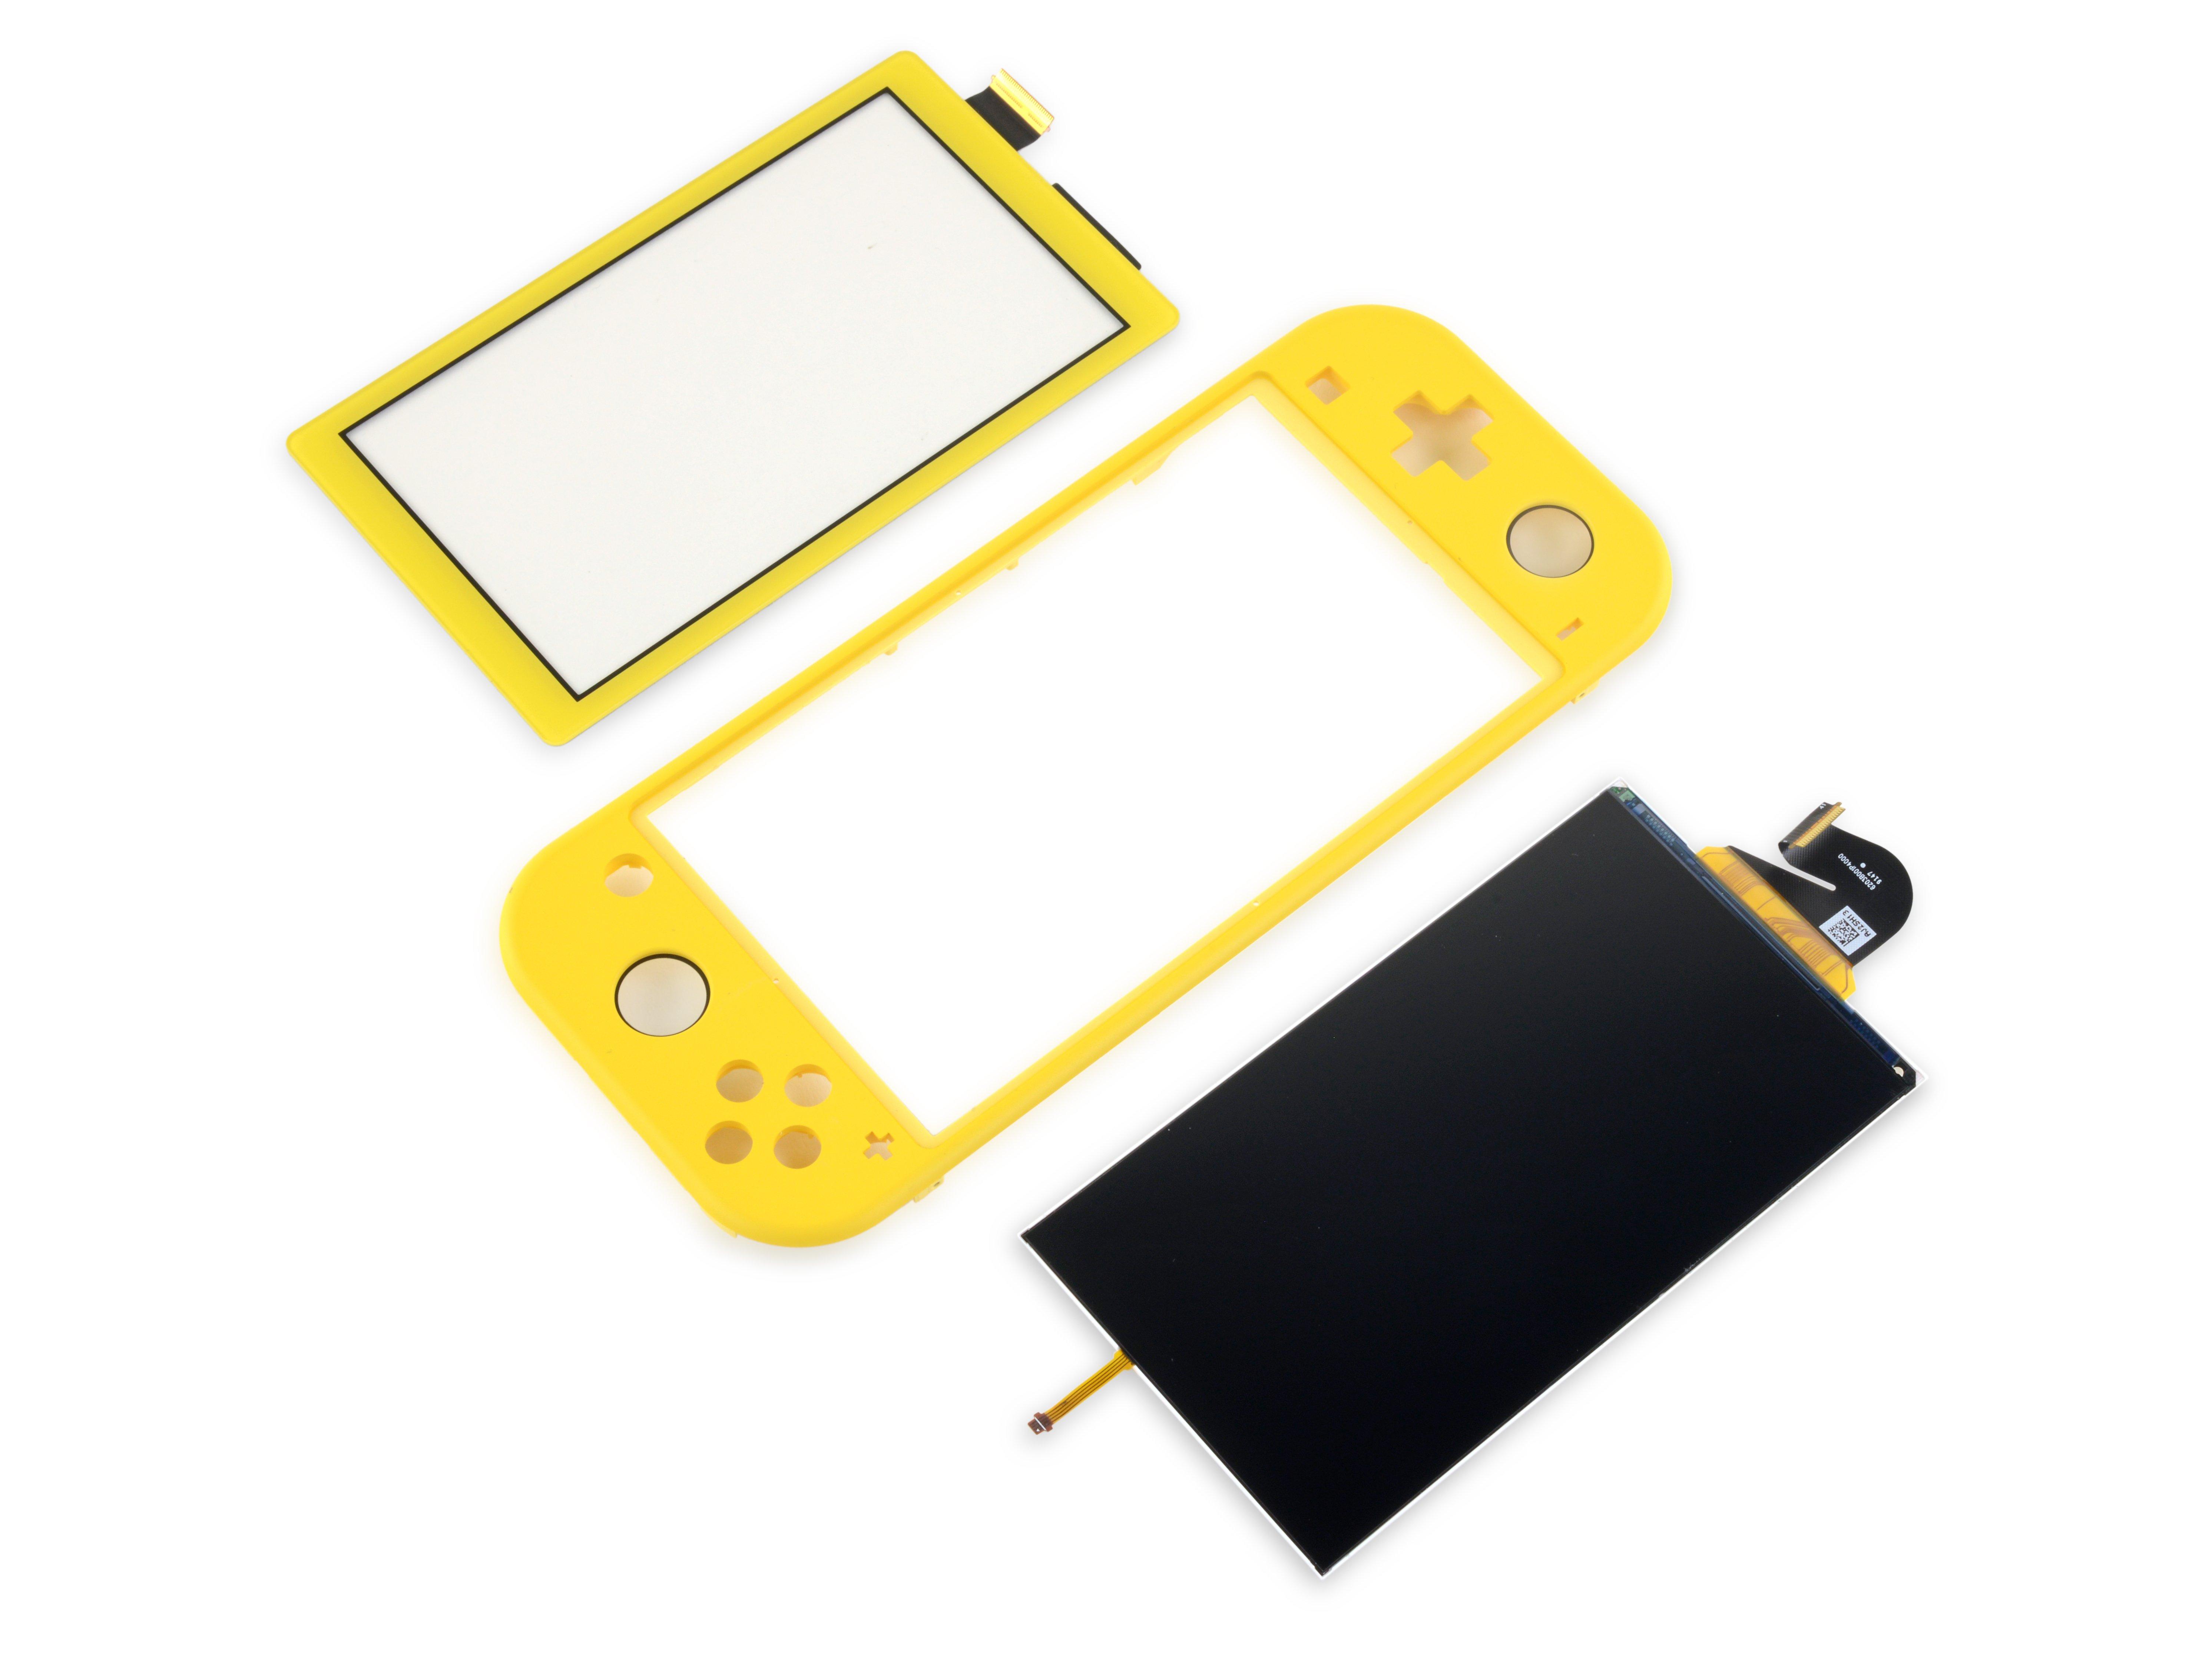 Nintendo Switch Lite jest trudniejszy w naprawie niż standardowy Switch